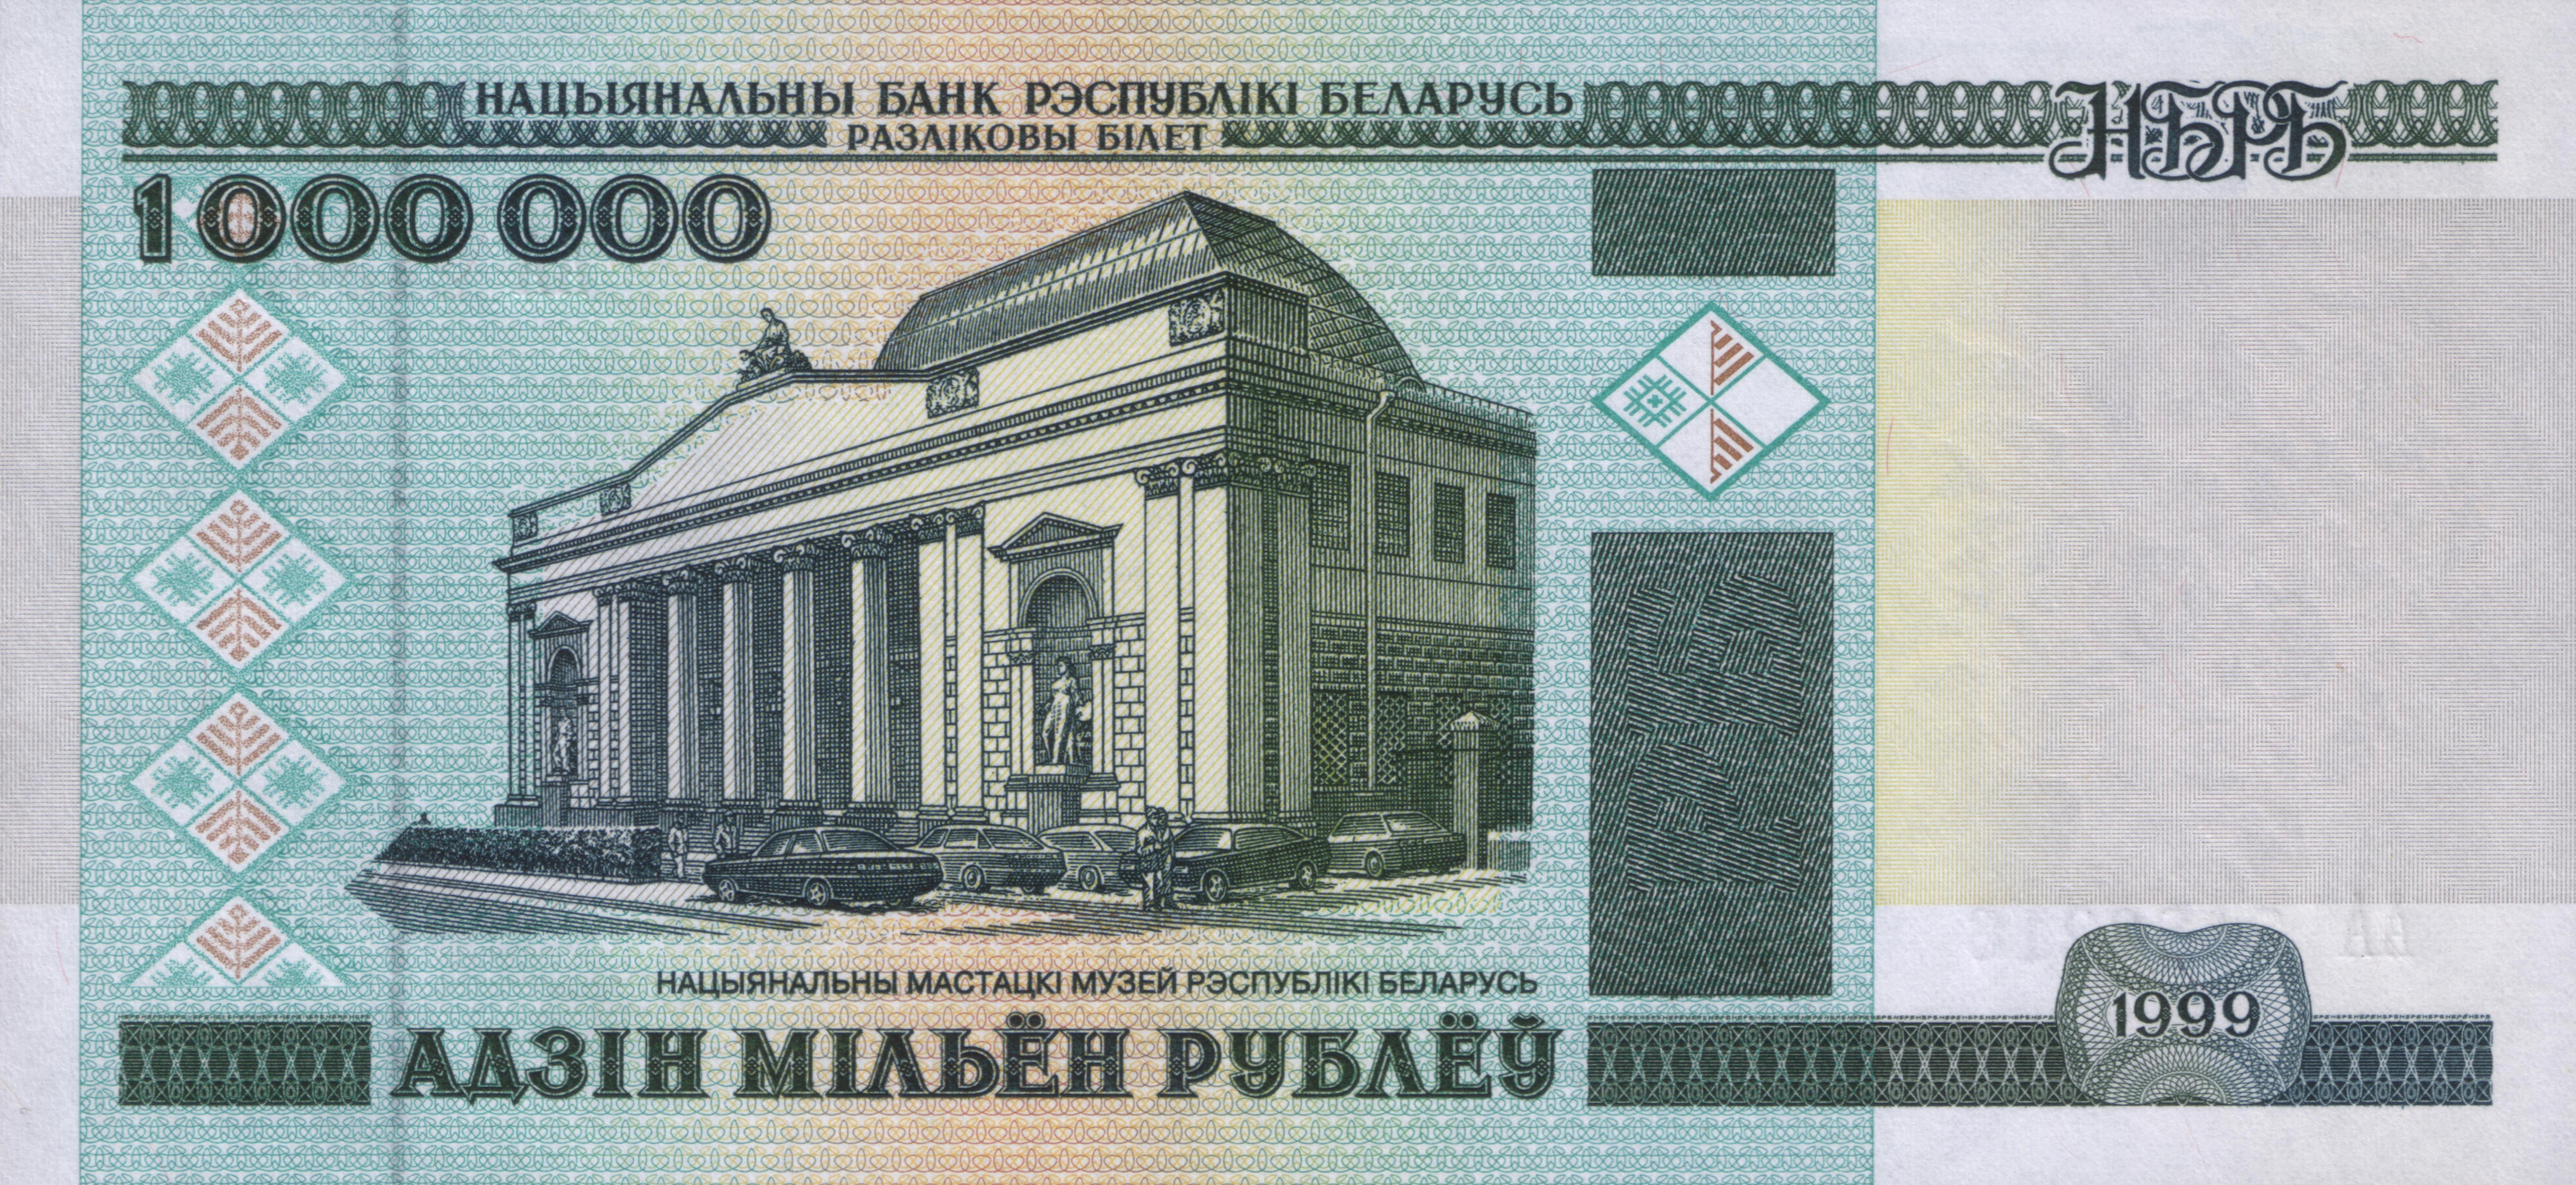 серебра хлором миллион российских денег это сколько белорусских способы очистить серебро